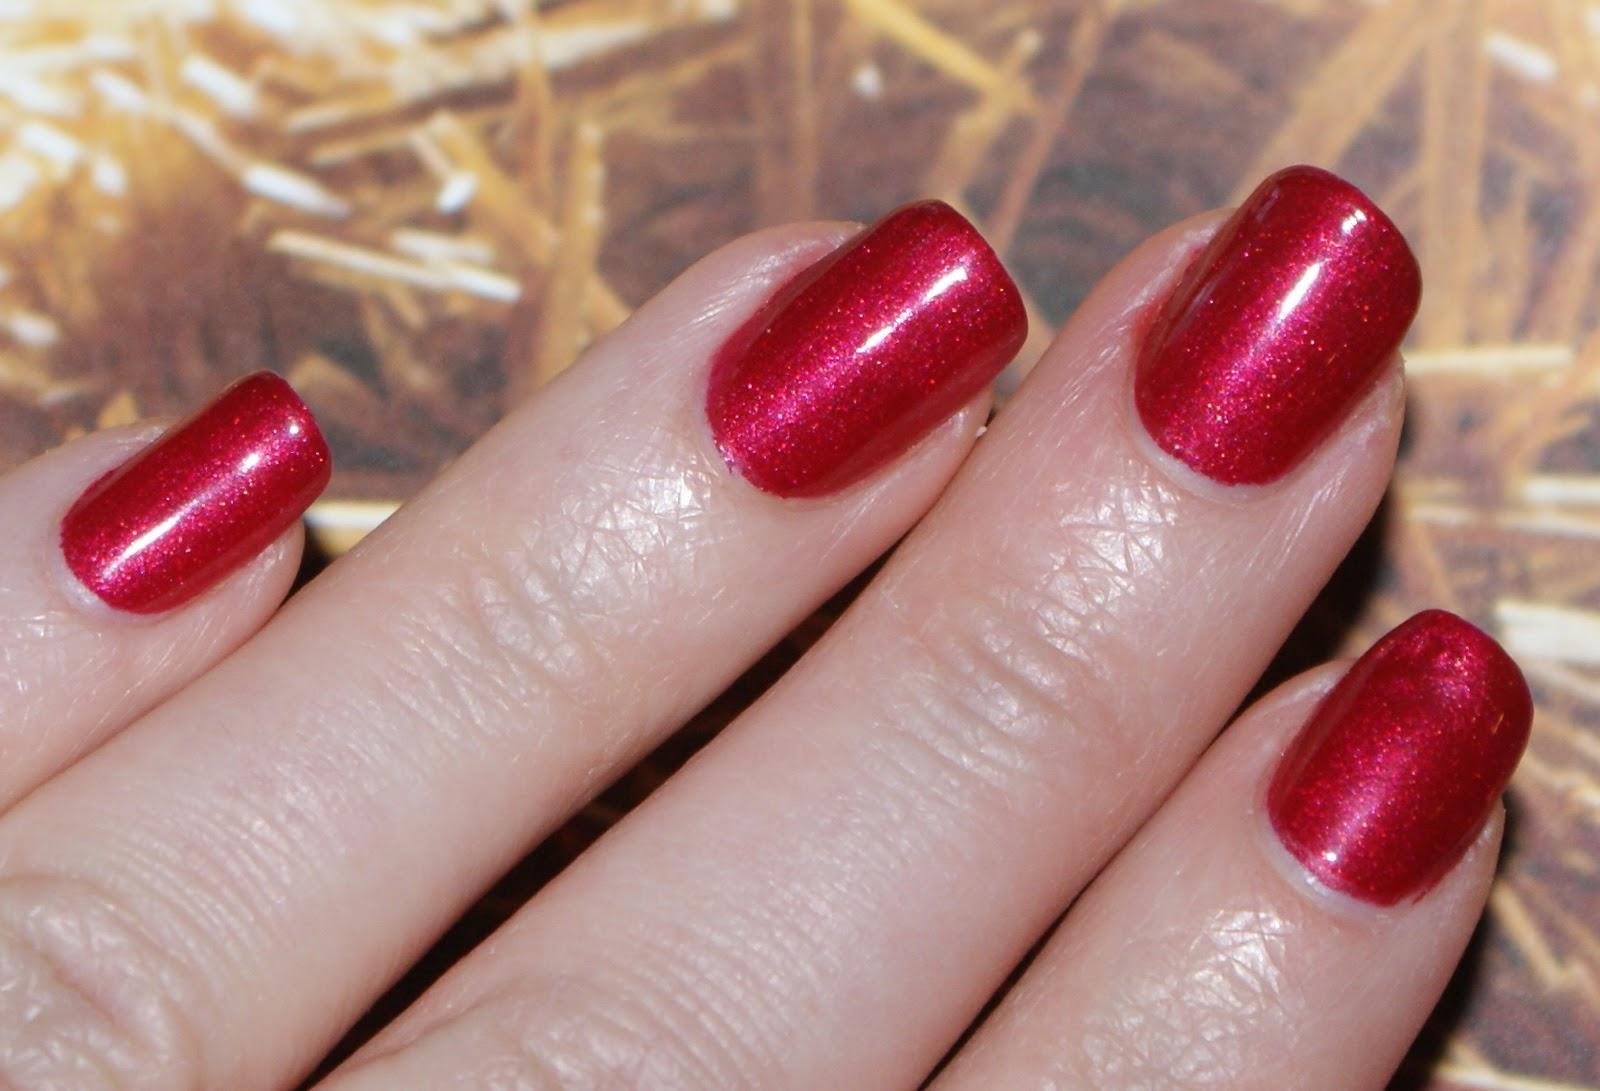 Babbling Brooke: CND Shellac Manicure at Biago Salon